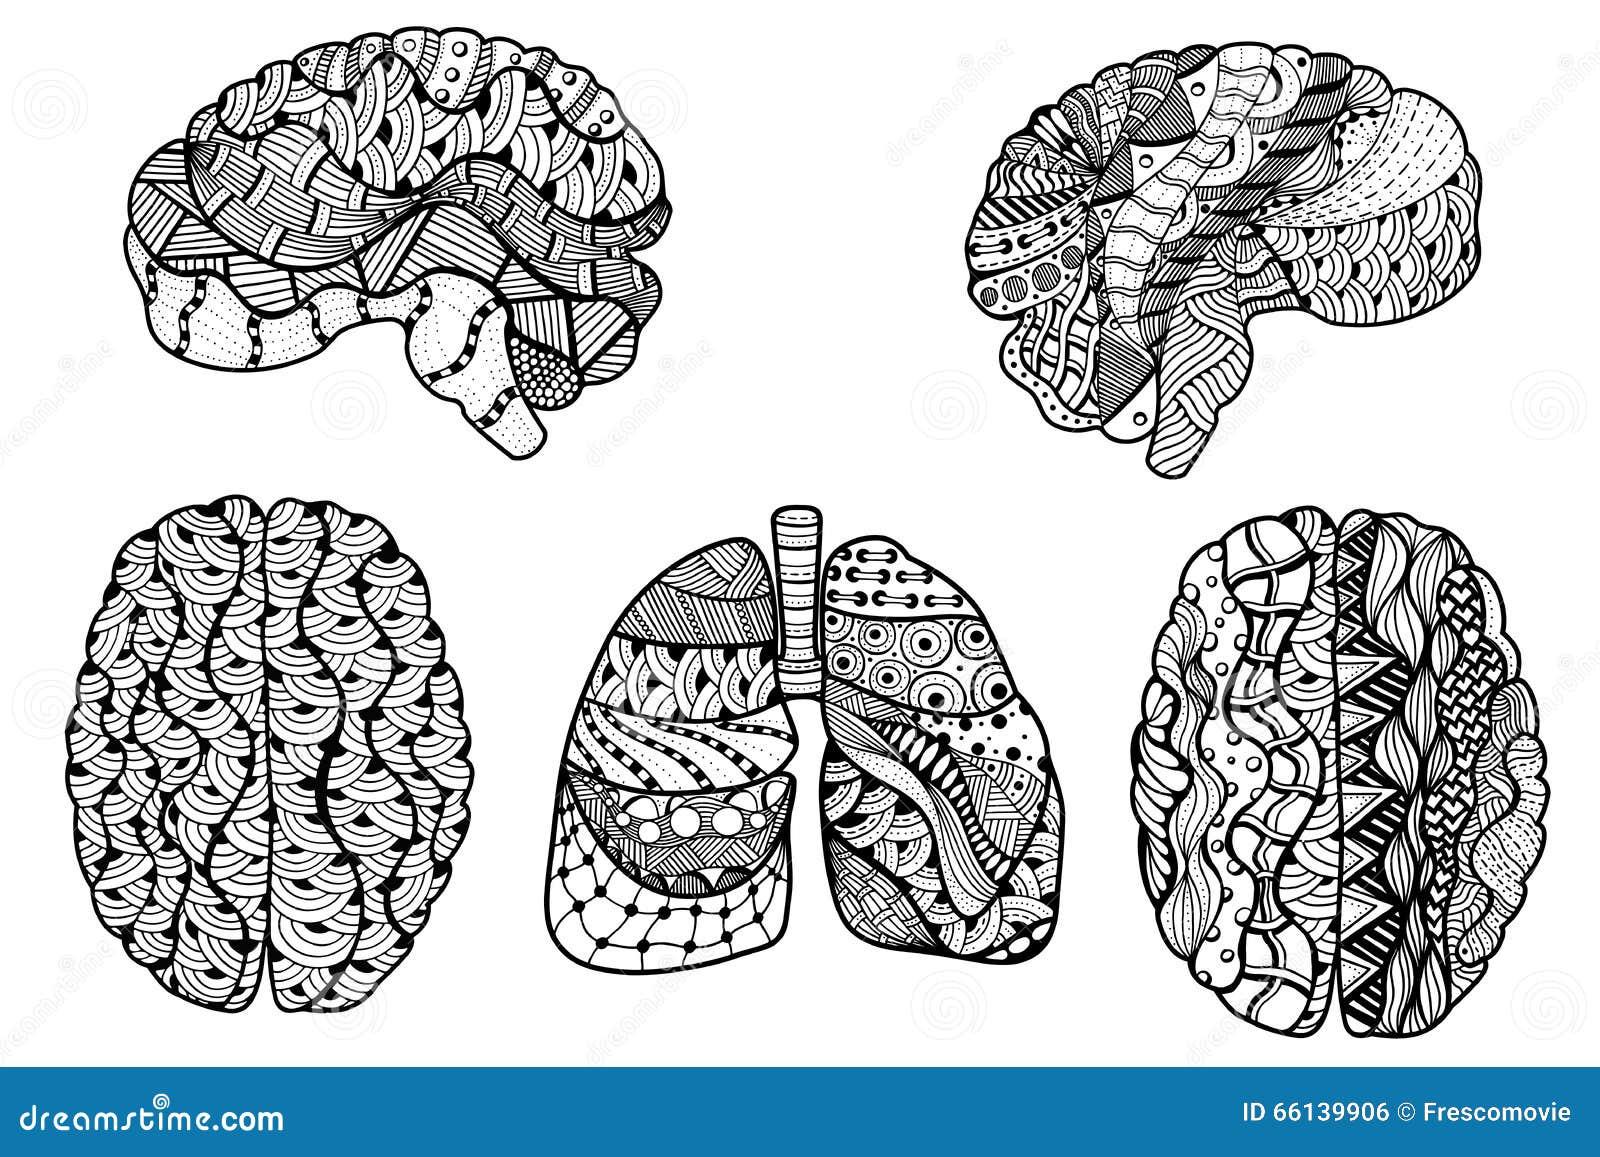 Magnífico El Libro De Colorear Del Cerebro Humano Colección de ...